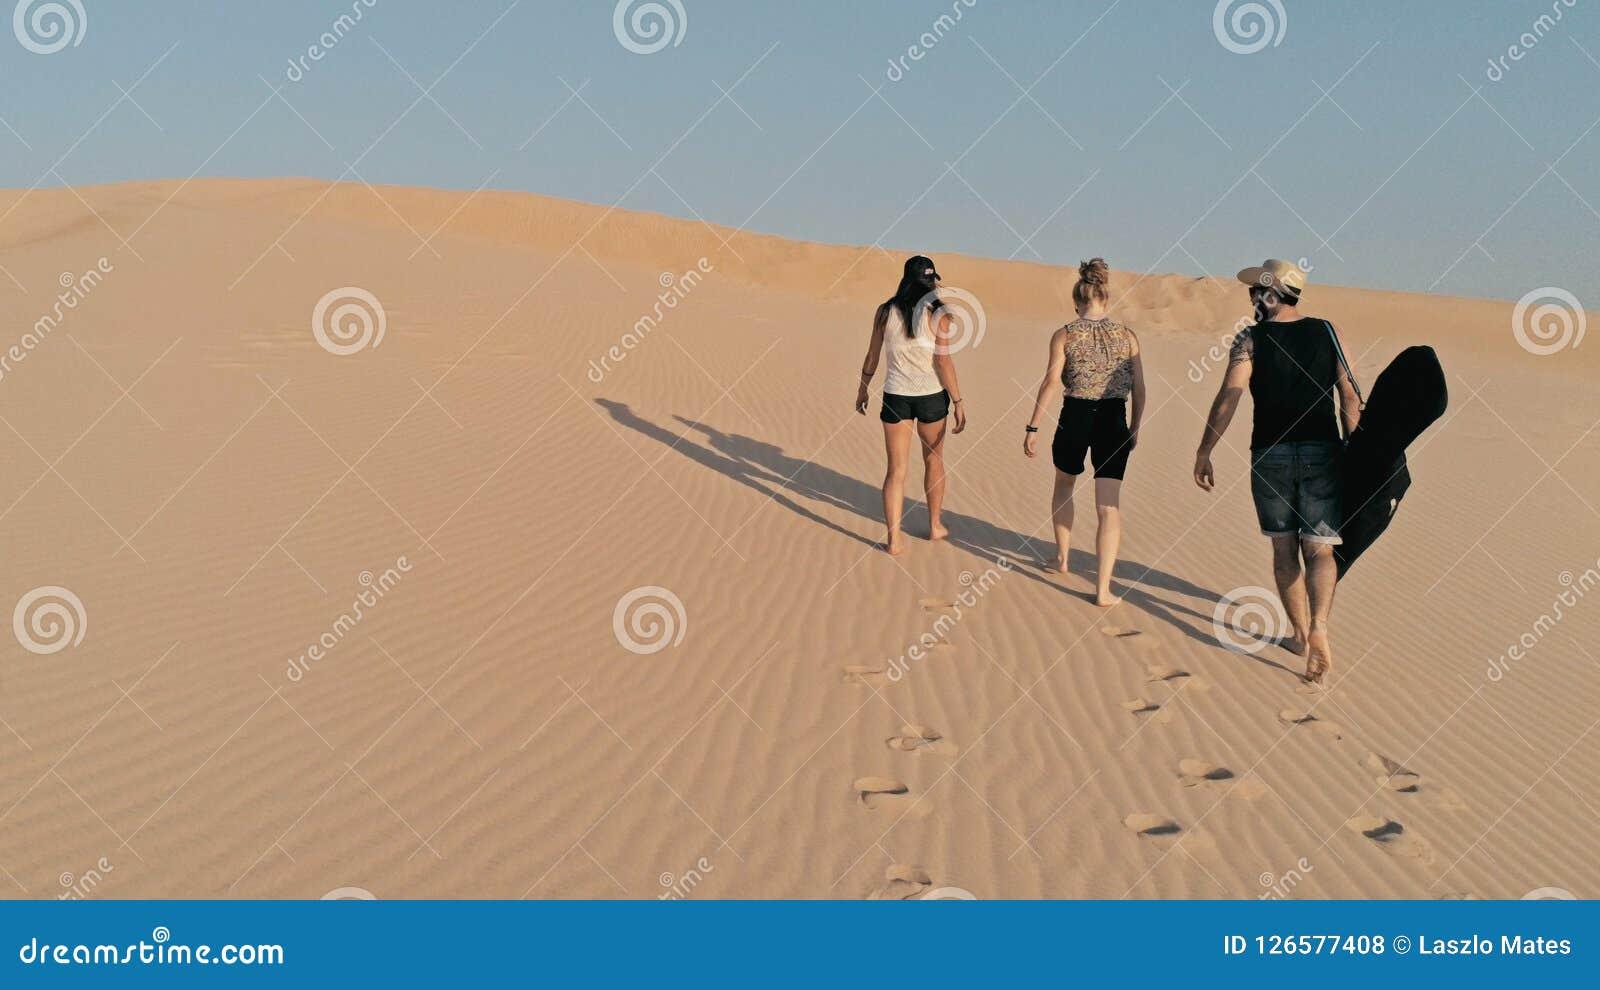 Luftbild von den jungen Leuten, die oben auf eine Sanddüne zur Spitze in einer schönen Wüstenumgebung gehen